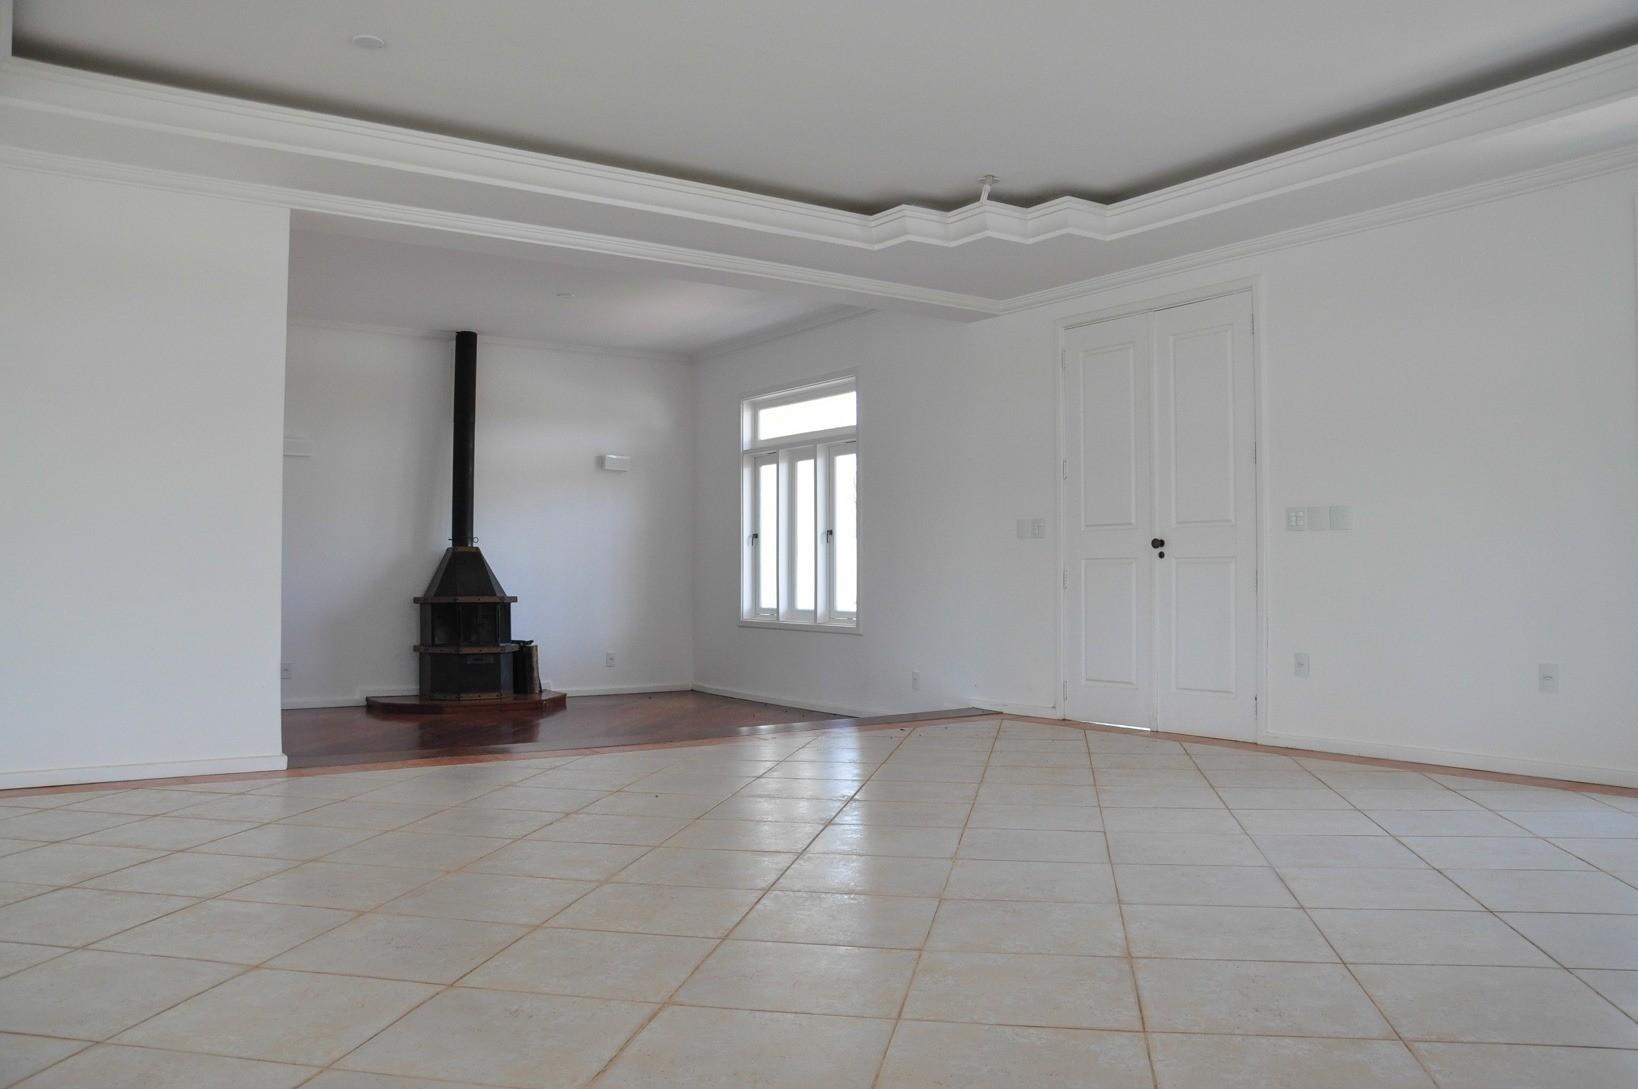 Casa de 3 dormitórios em Duas Marias, Jaguariuna - SP